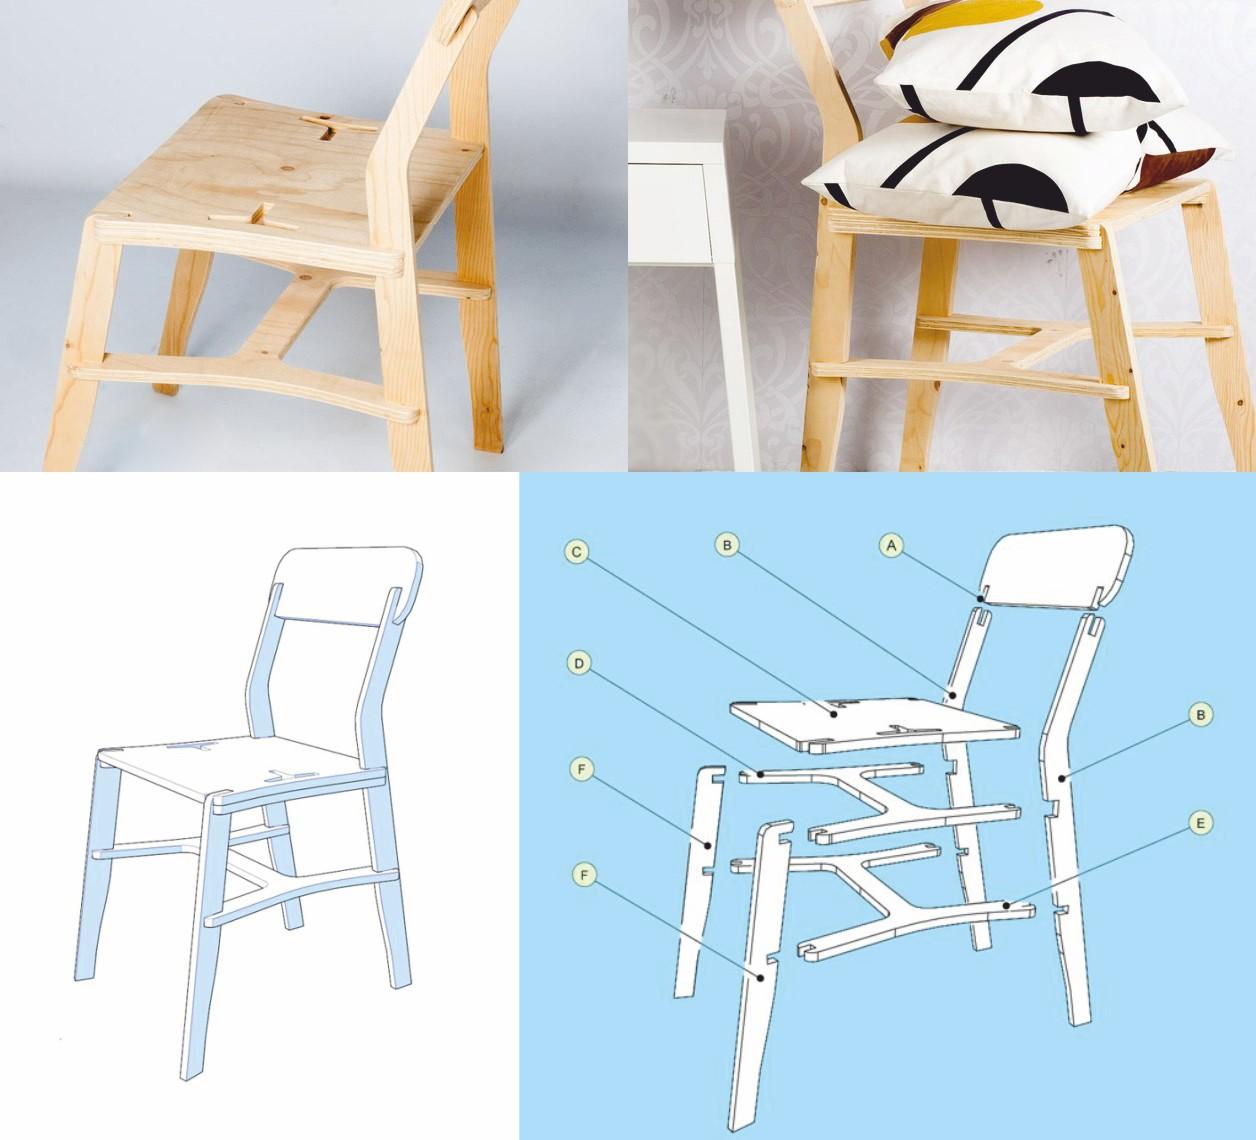 Laser Cut Cnc x-chair Router Plans Free CDR Vectors Art